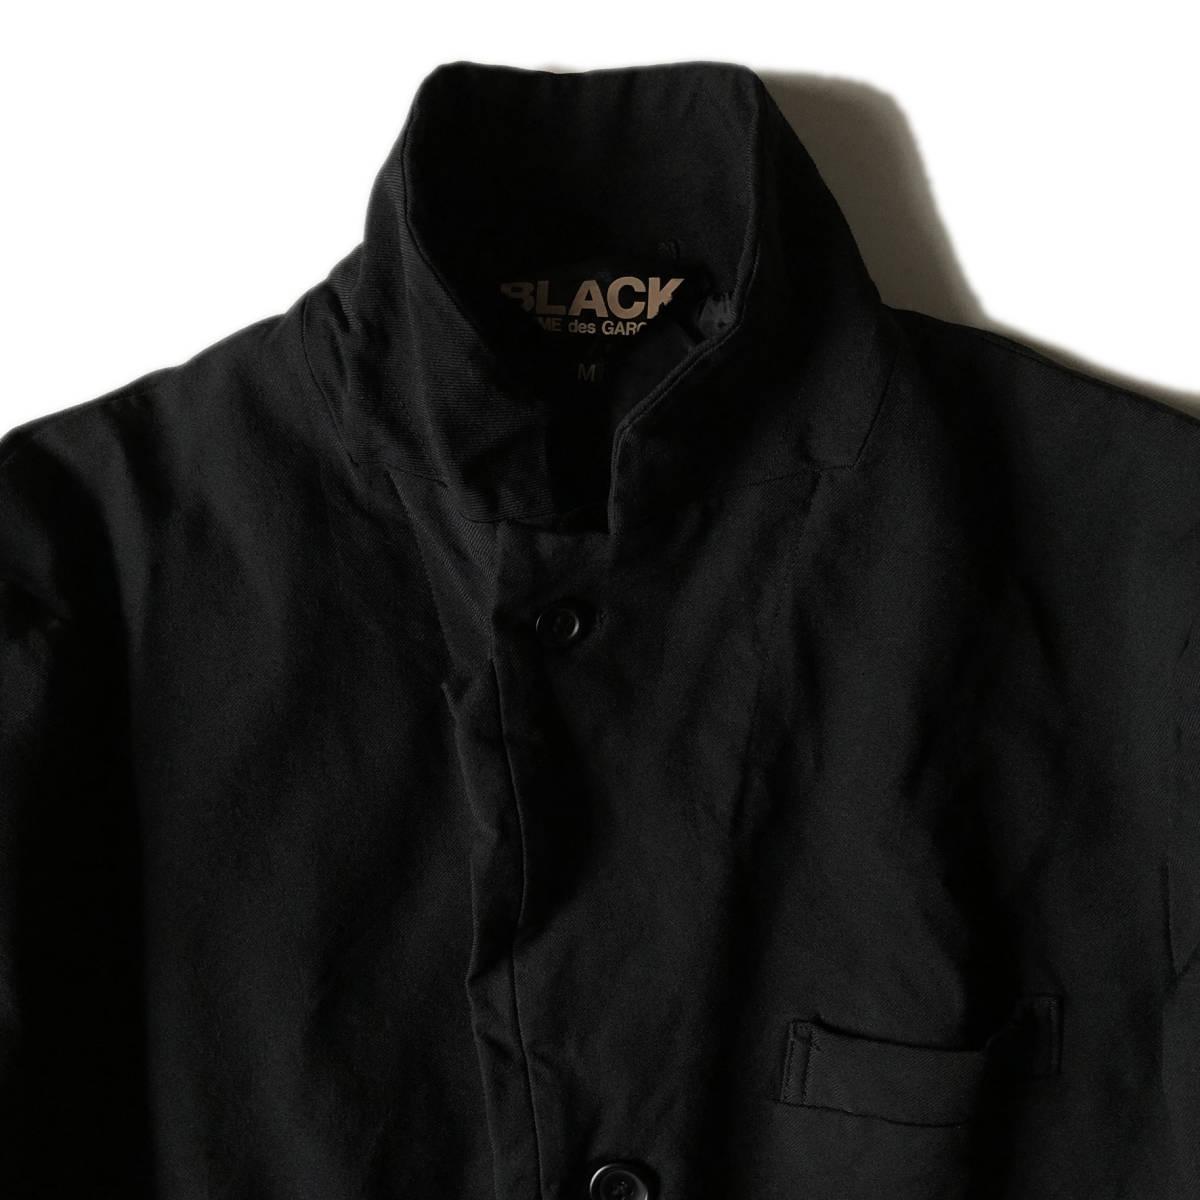 AD2009 BLACK COMME des GARCONS ブラックコムデギャルソン ポリ縮 ジャケット ブラック ポリエステル縮絨 黒 M ※セットアップPTも出品中_画像4